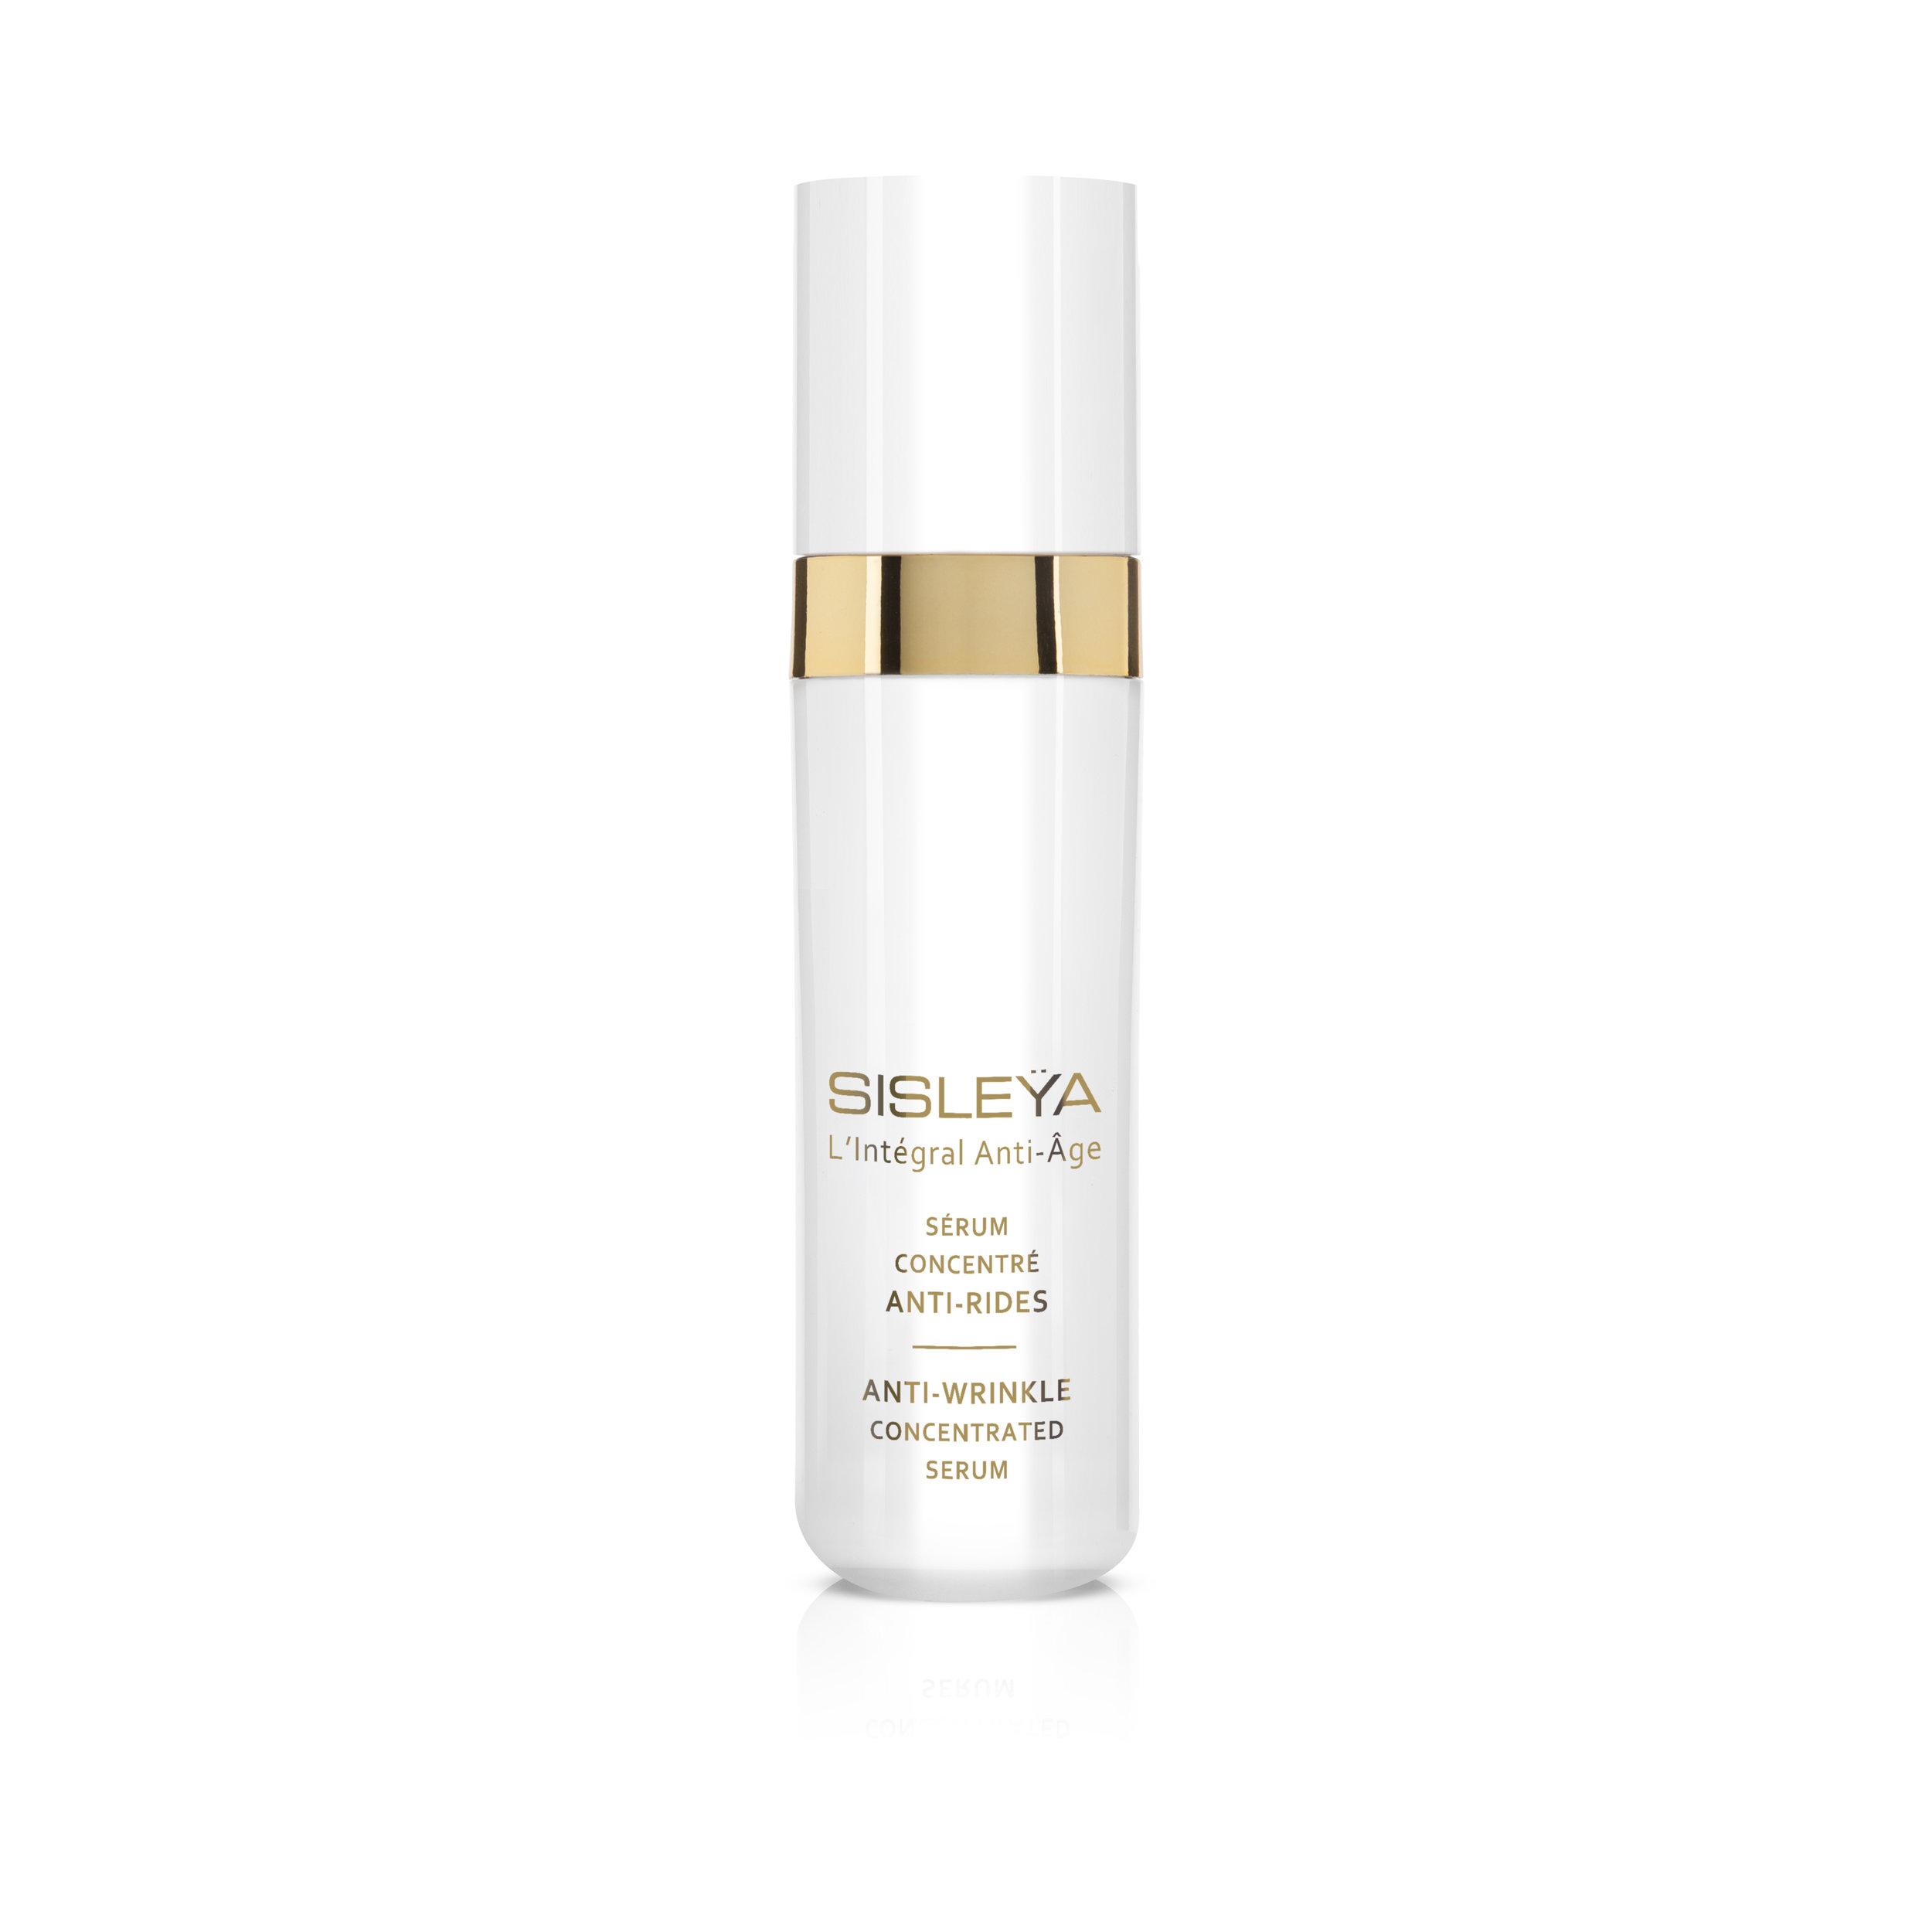 Serum Sisley Beauty Tipps für Haut über 40 und ab 50. SISLEYA L'INTEGRAL ANTI-AGE SERUM ANTI RIDES . Test einer ü50 Bloggerin. Beate Finken Blog Ü50. Beauty Tipps.